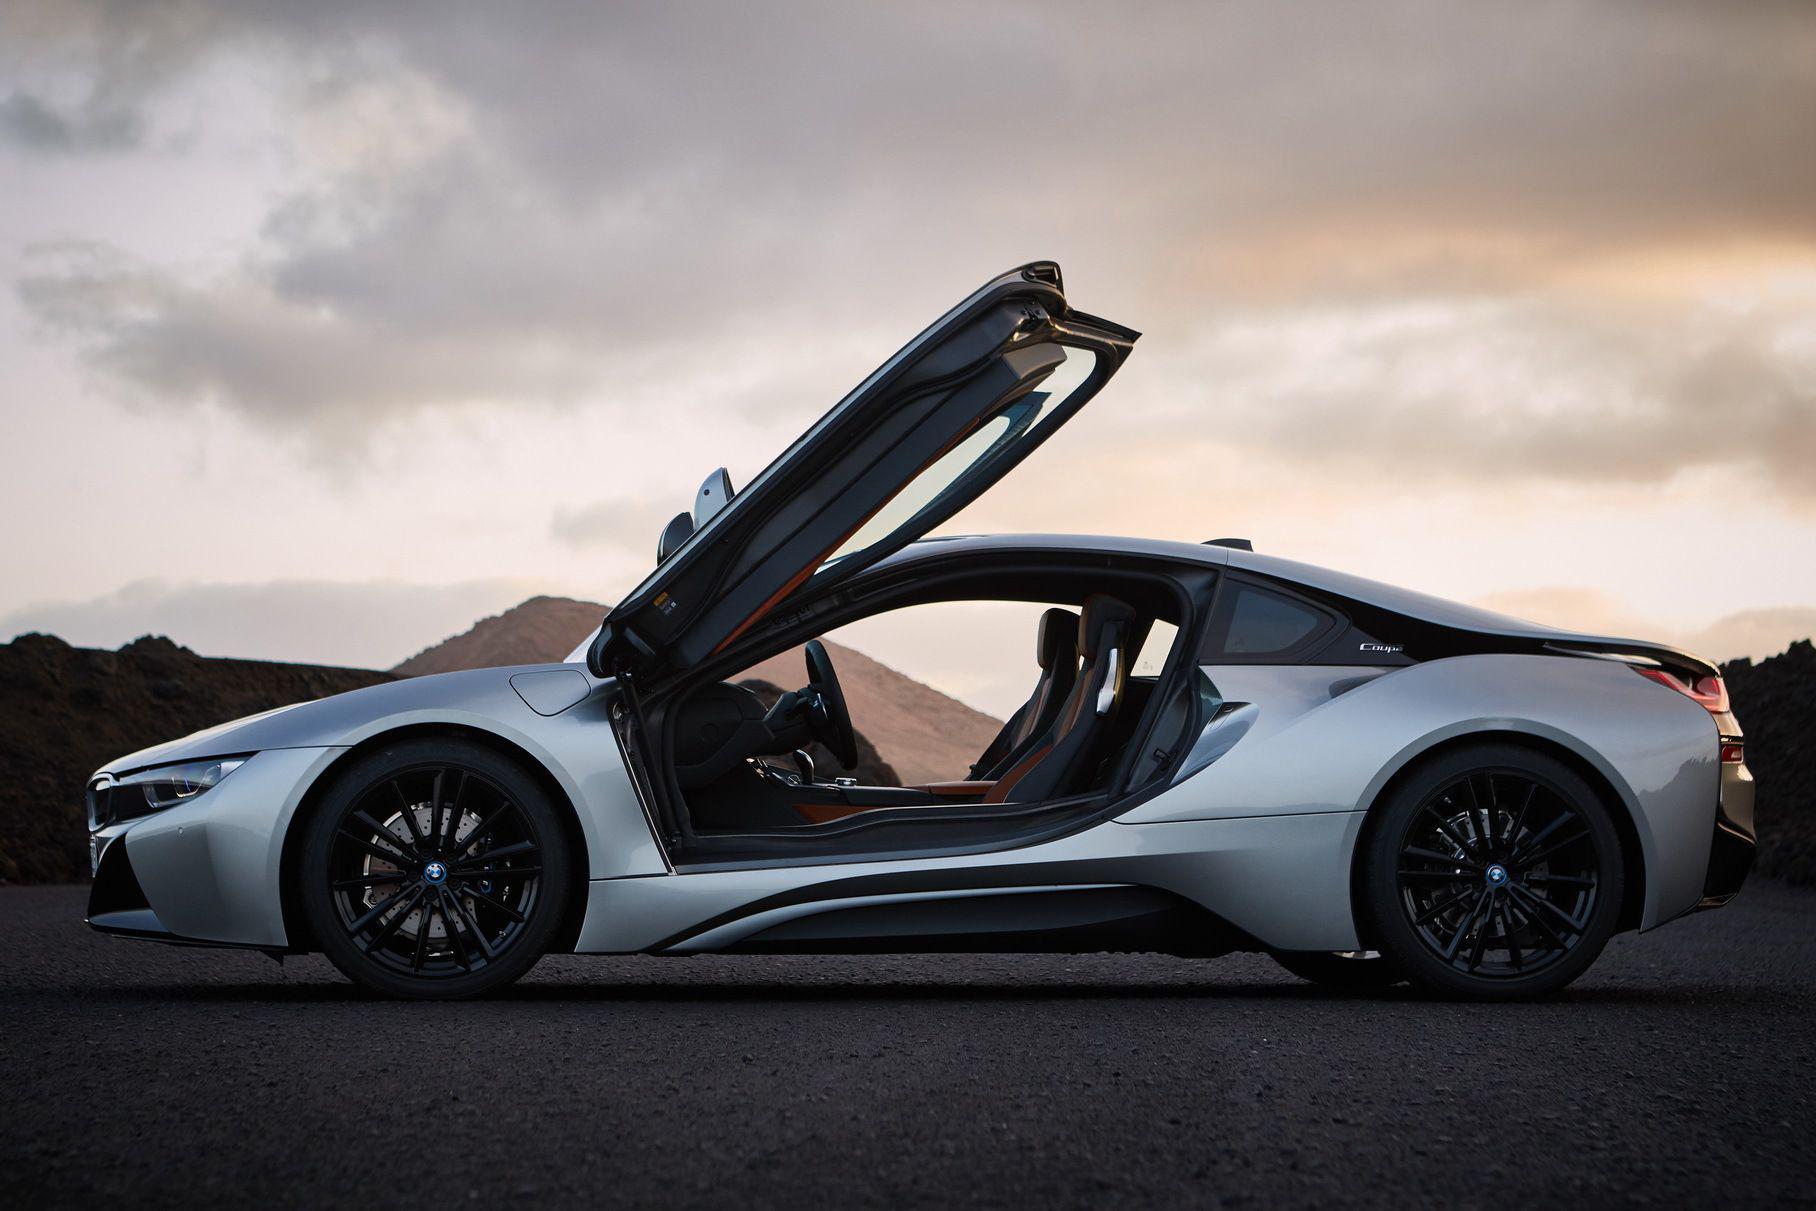 Слухи о том, что BMW планирует снять с производства гибридный спорткар i8, появились ещё в прошлом году. Теперь стало известно, что заказы перестанут принимать в конце февраля, а выпуск завершится в апреле.